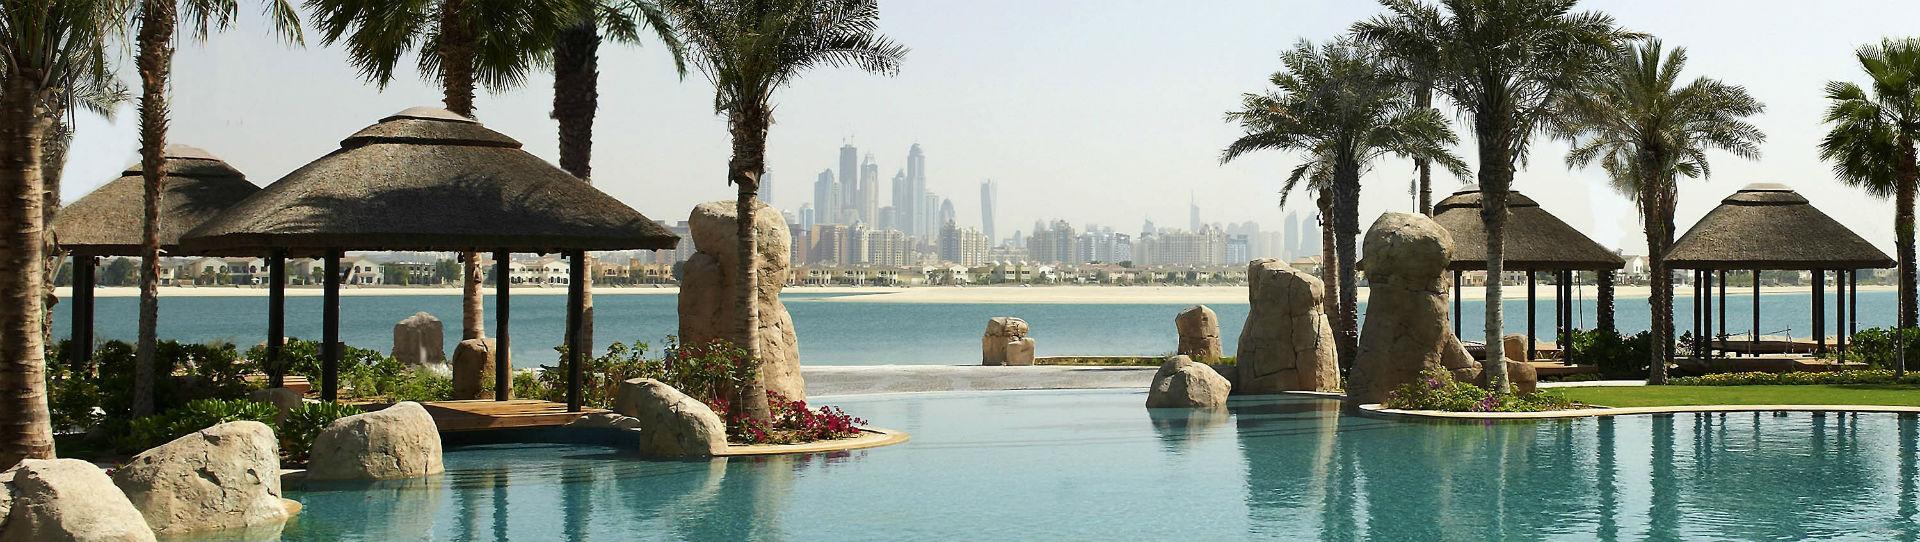 Sofitel The Palm, Dubai - pool view